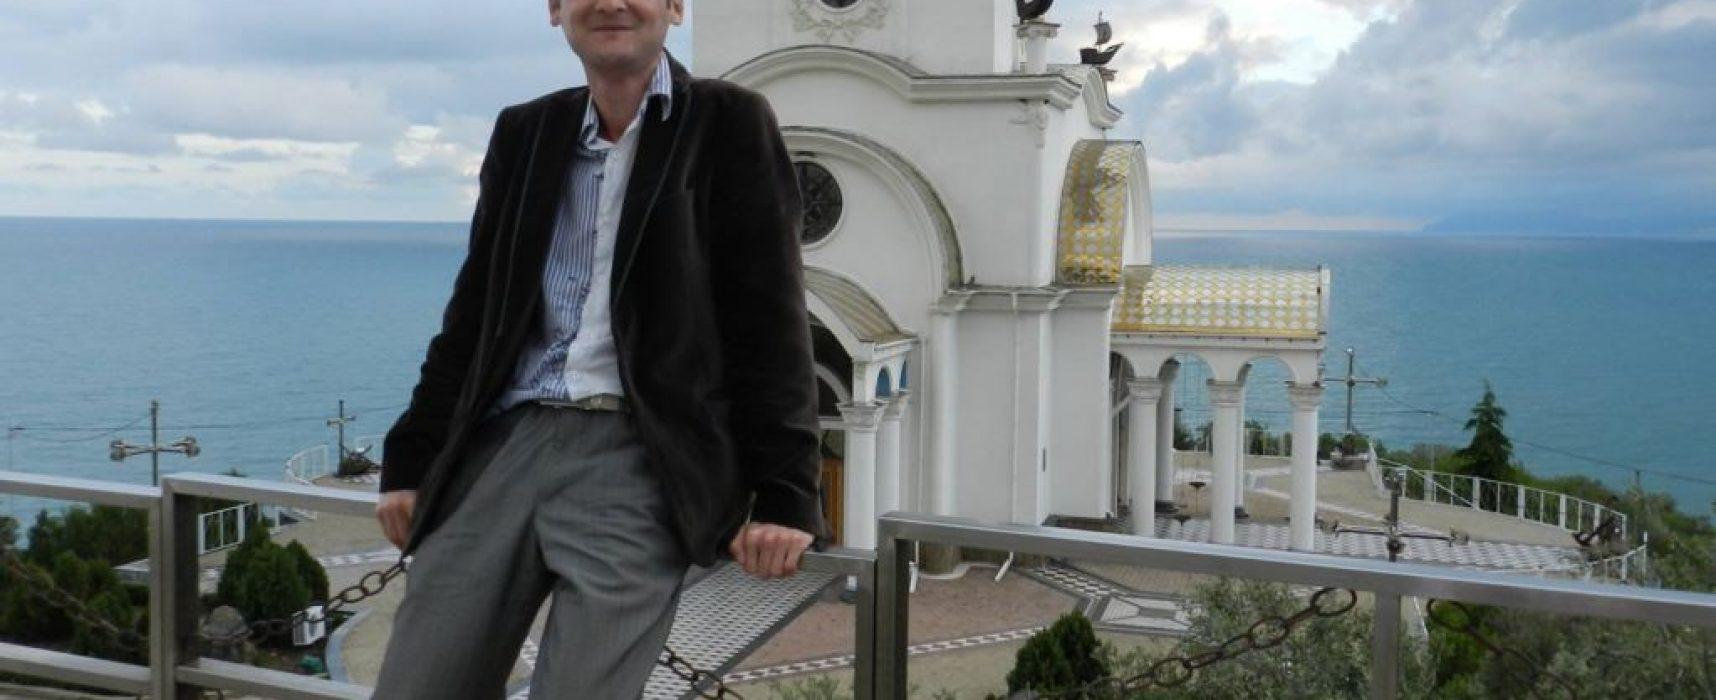 В Крыму российские силовики снова задержали блогера Гайворонского